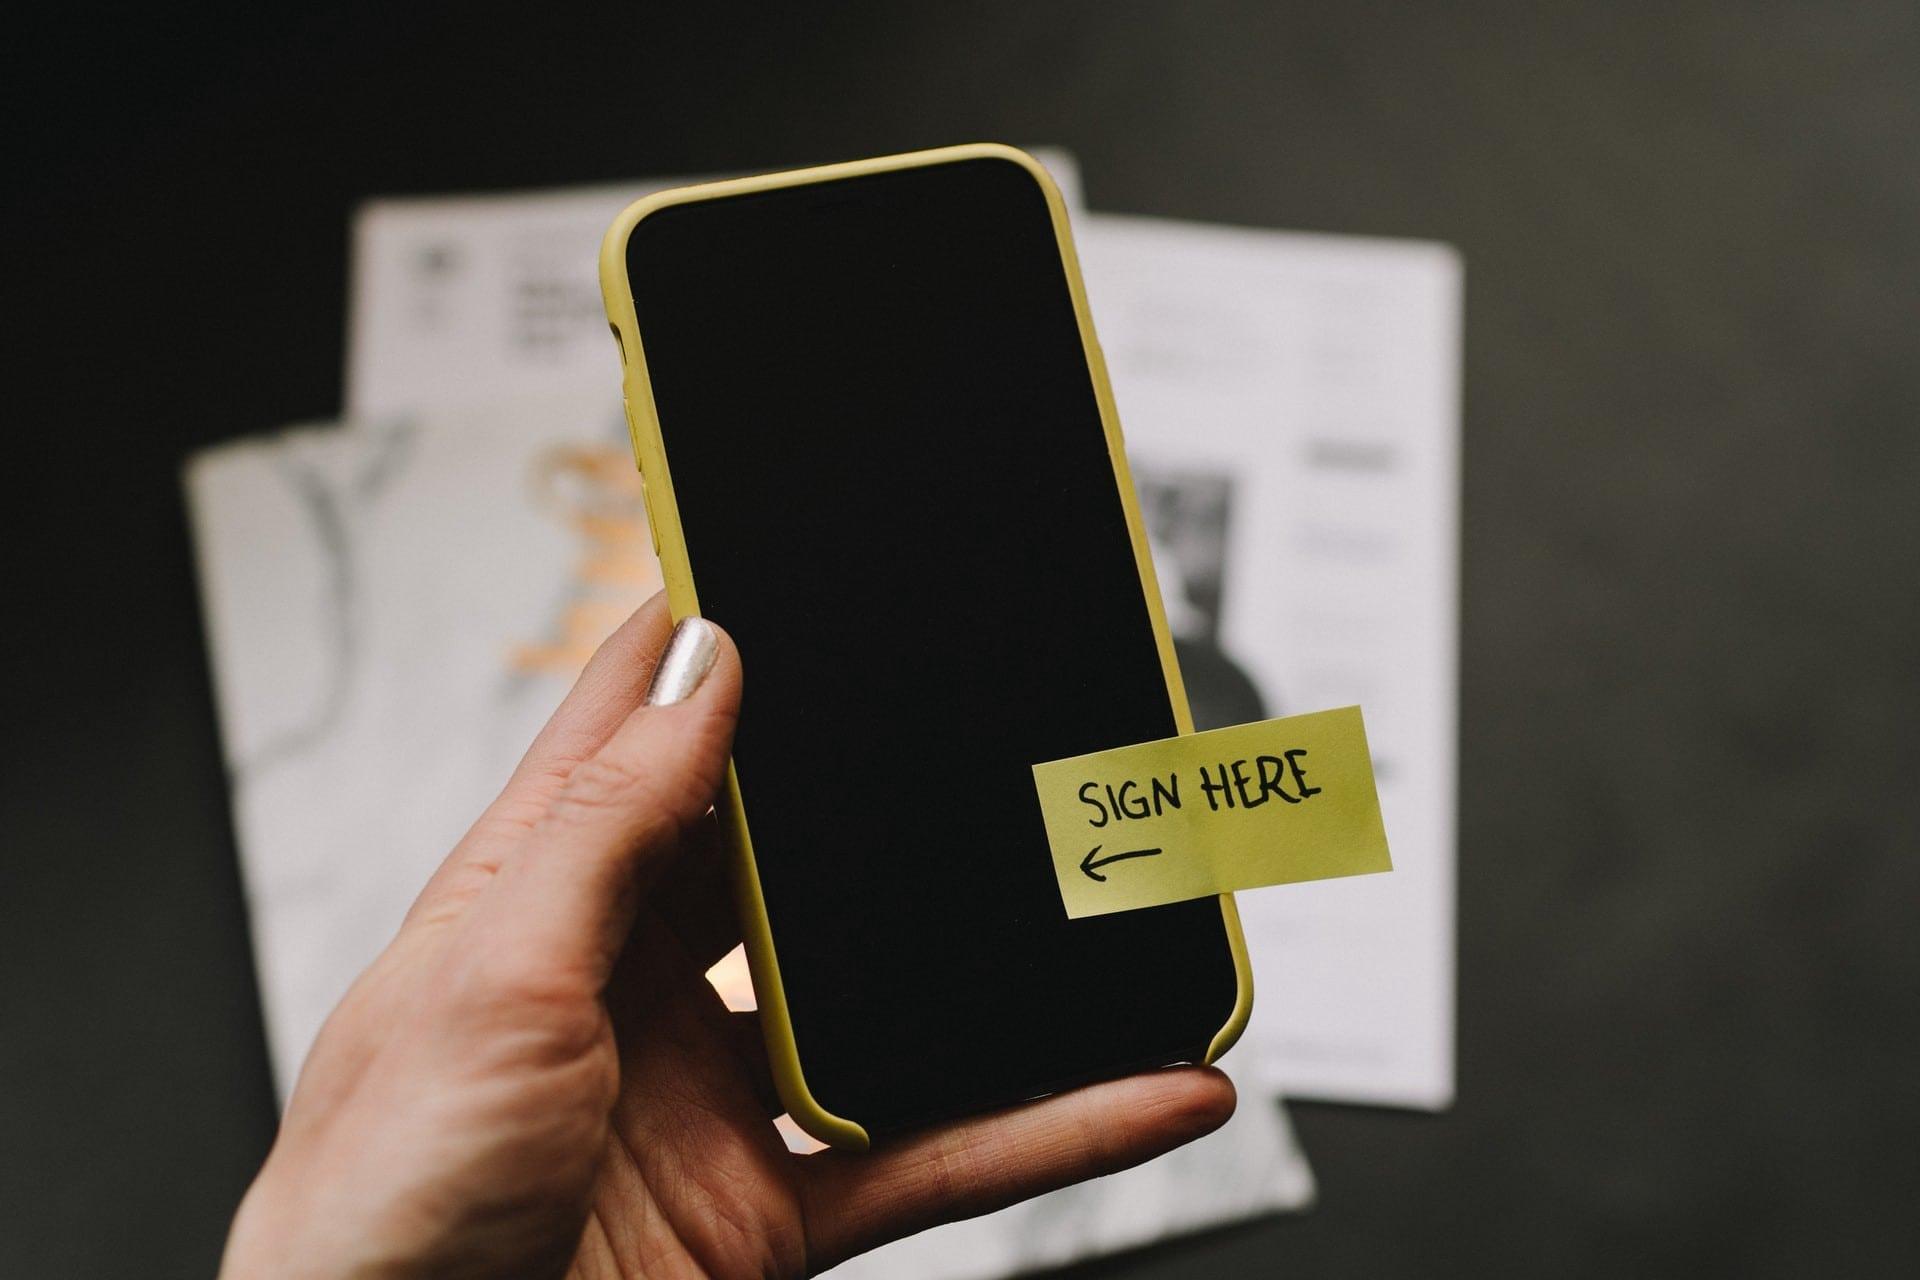 Verimi digital unterschreiben